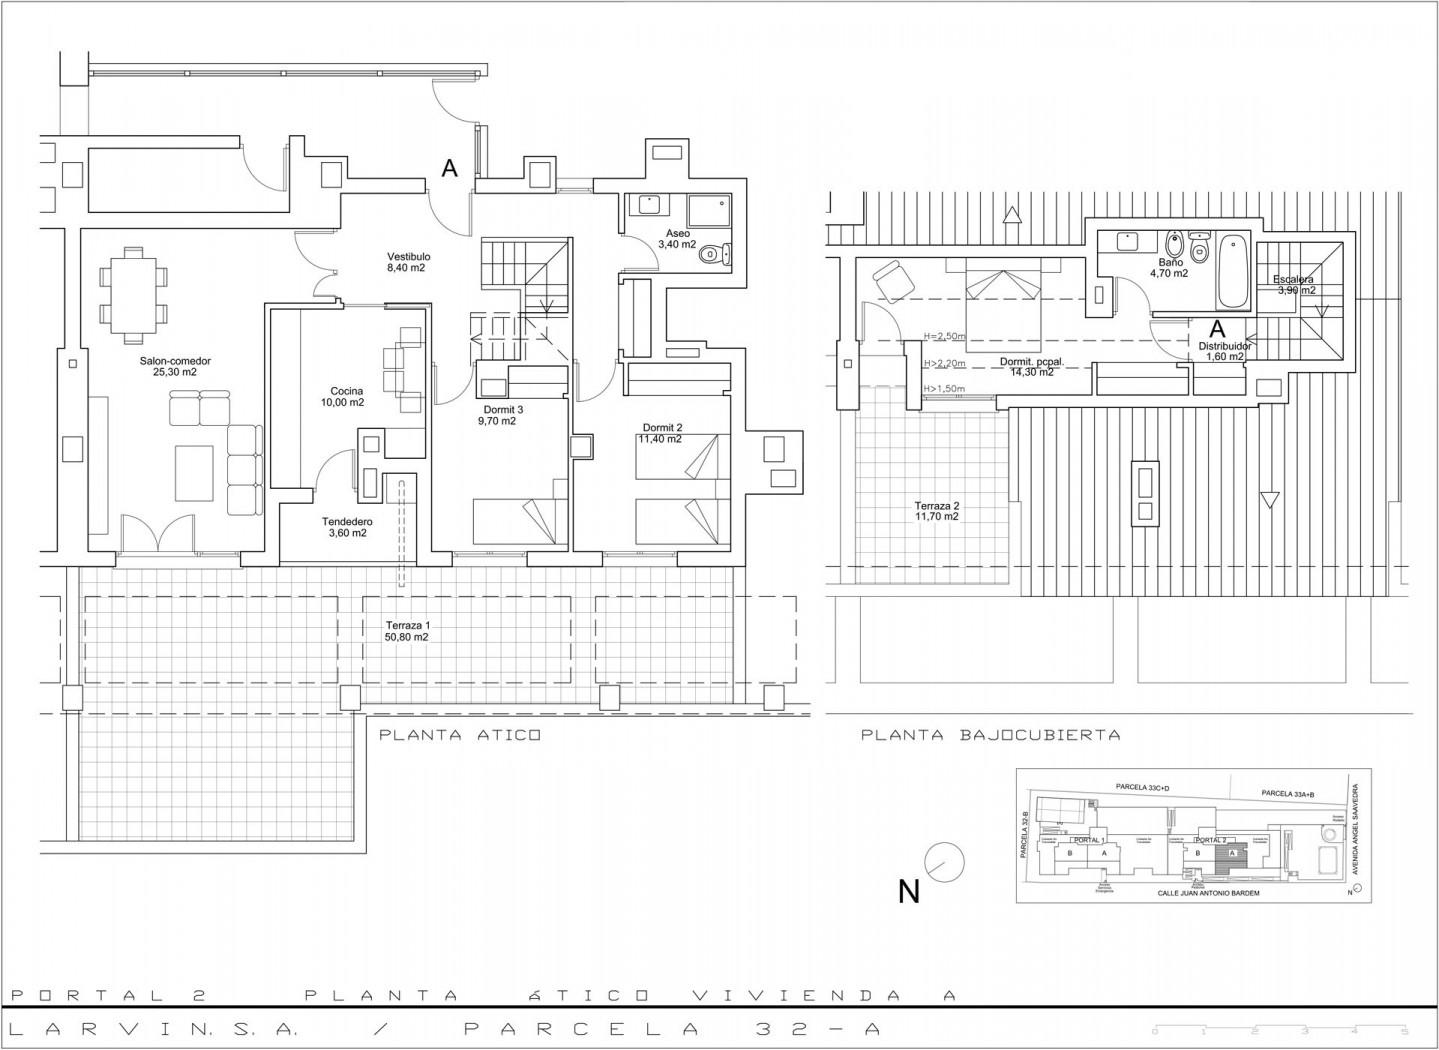 P32A-P2-Atico-A-e1411725884527